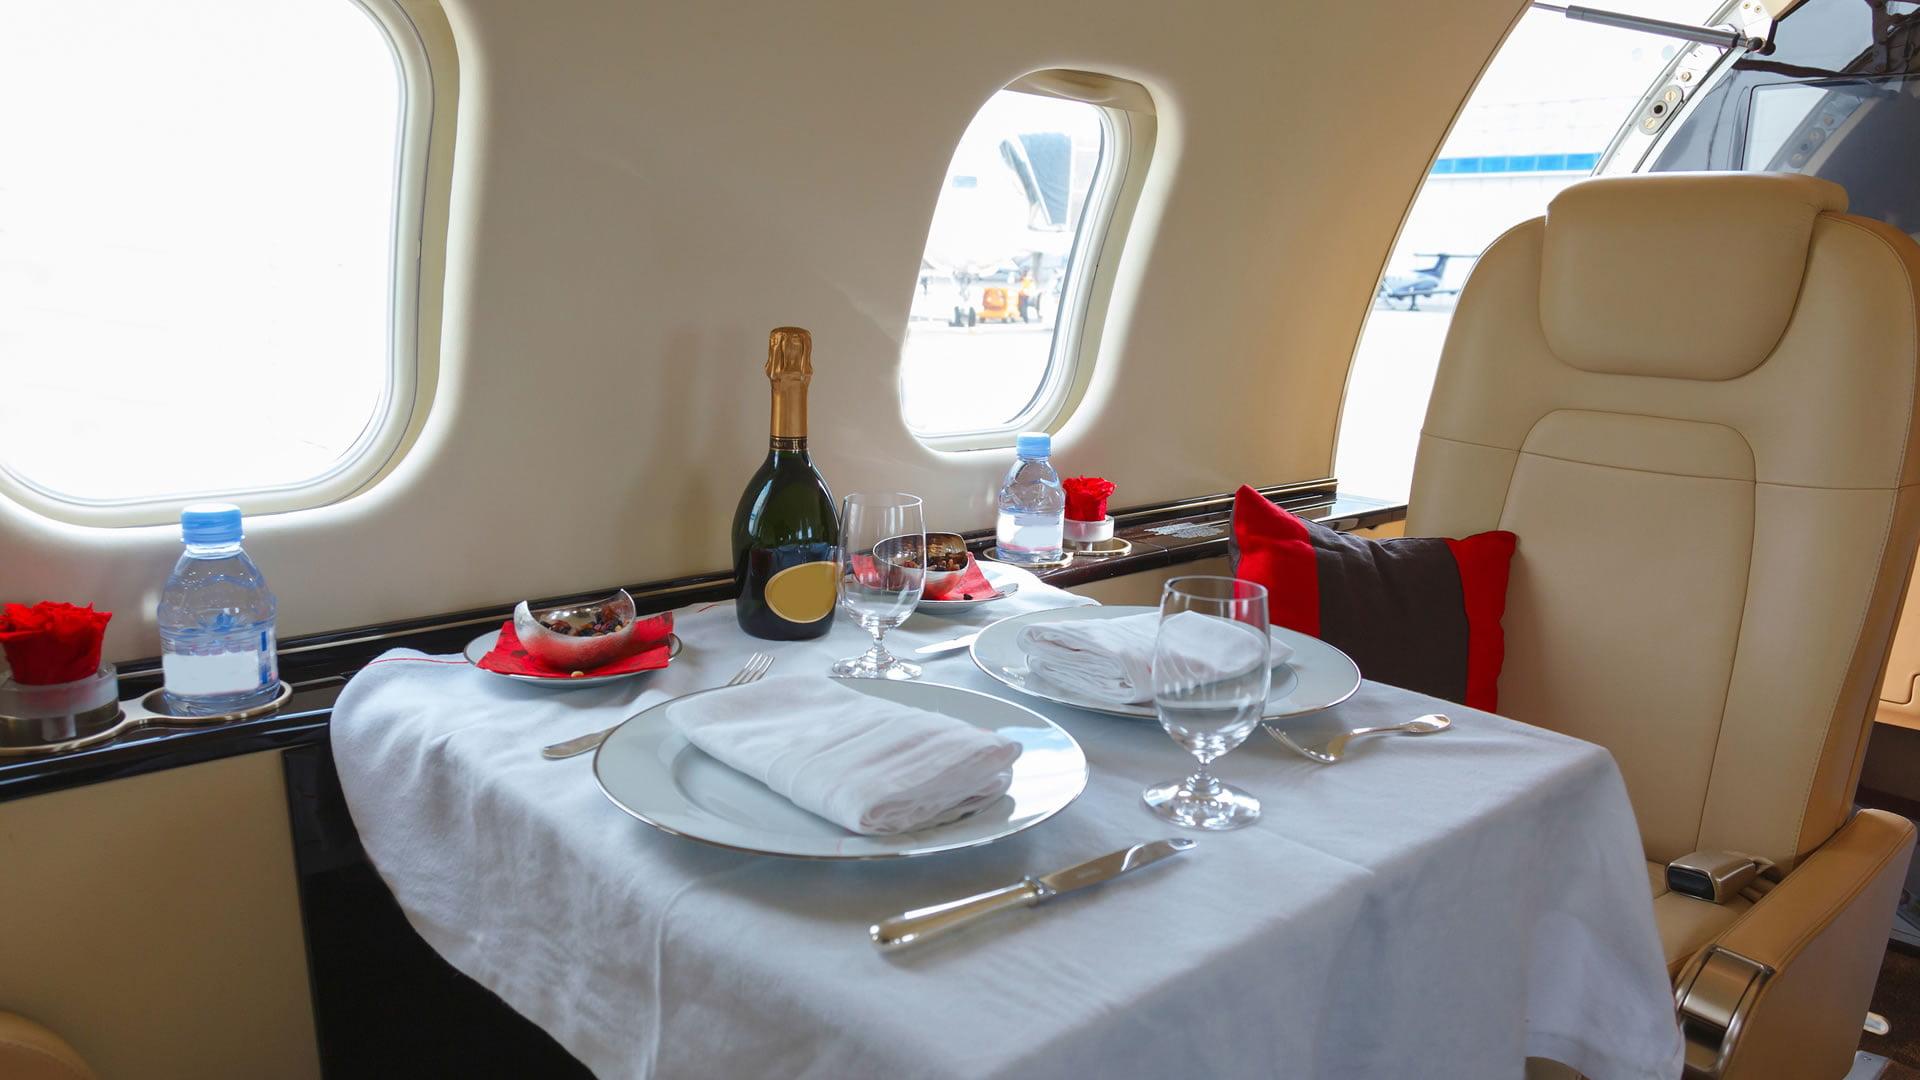 Viajar en un vuelo vip for Vuelos barcelona paris low cost